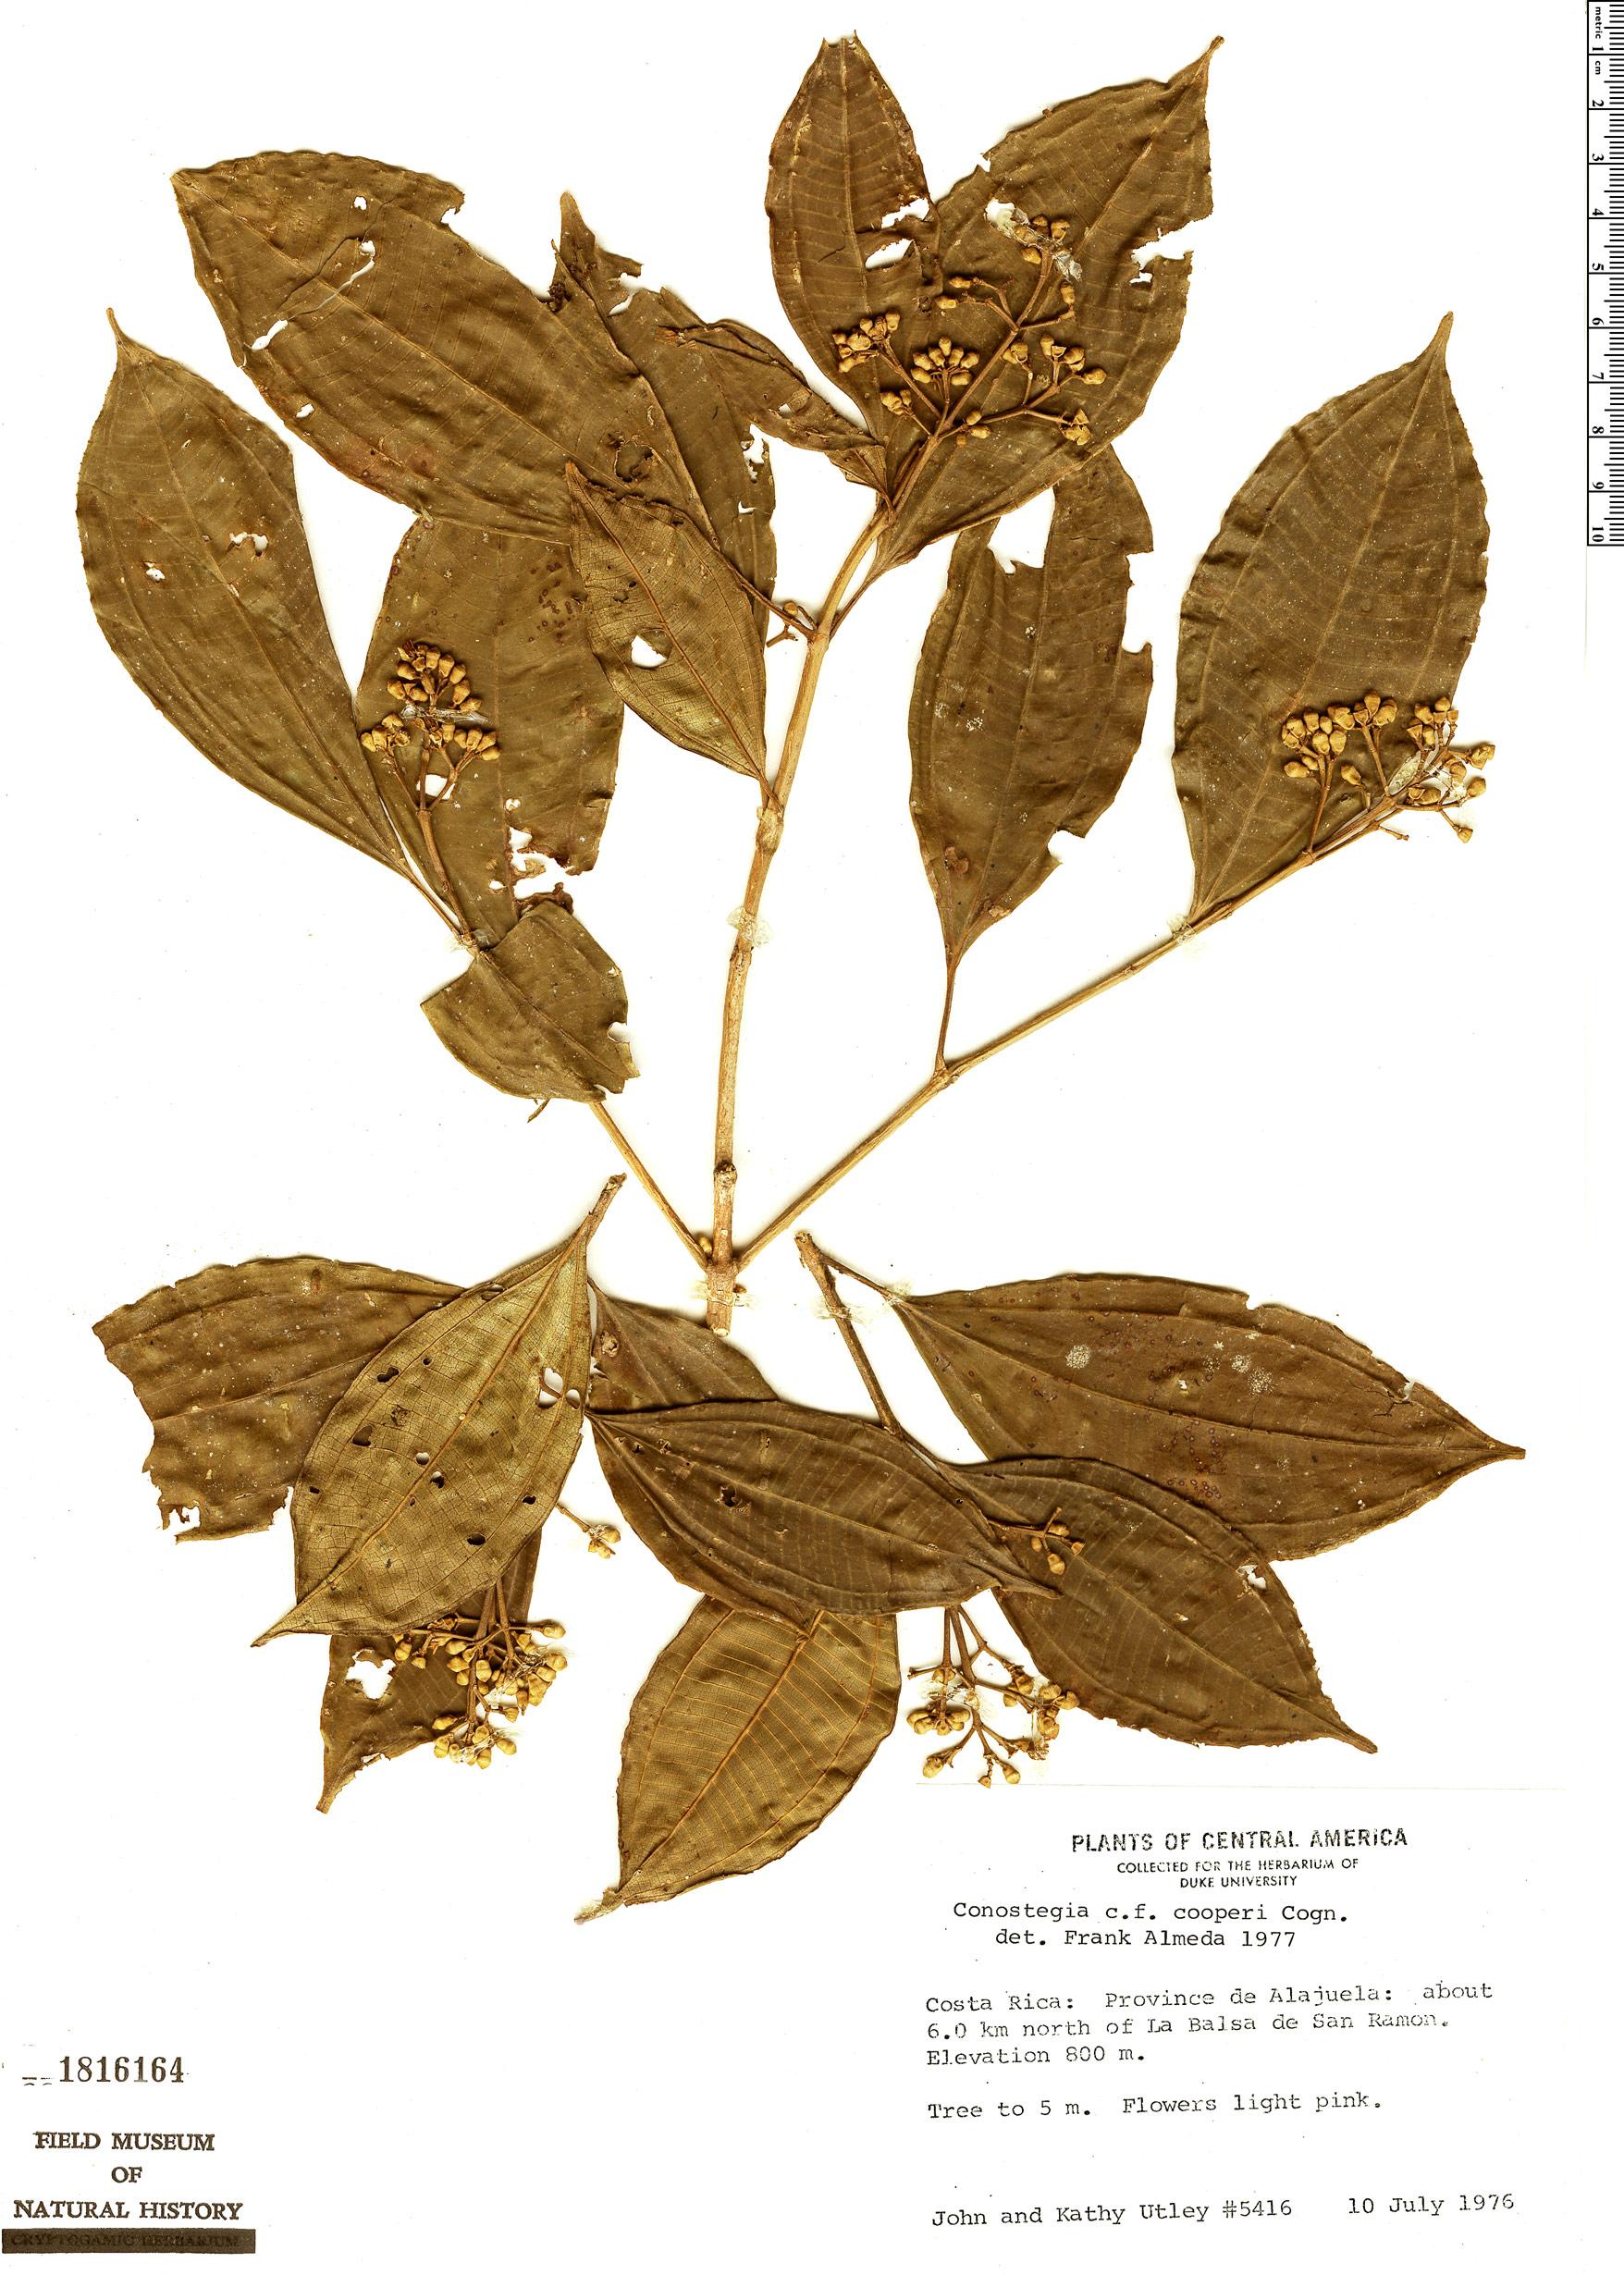 Espécime: Conostegia montana